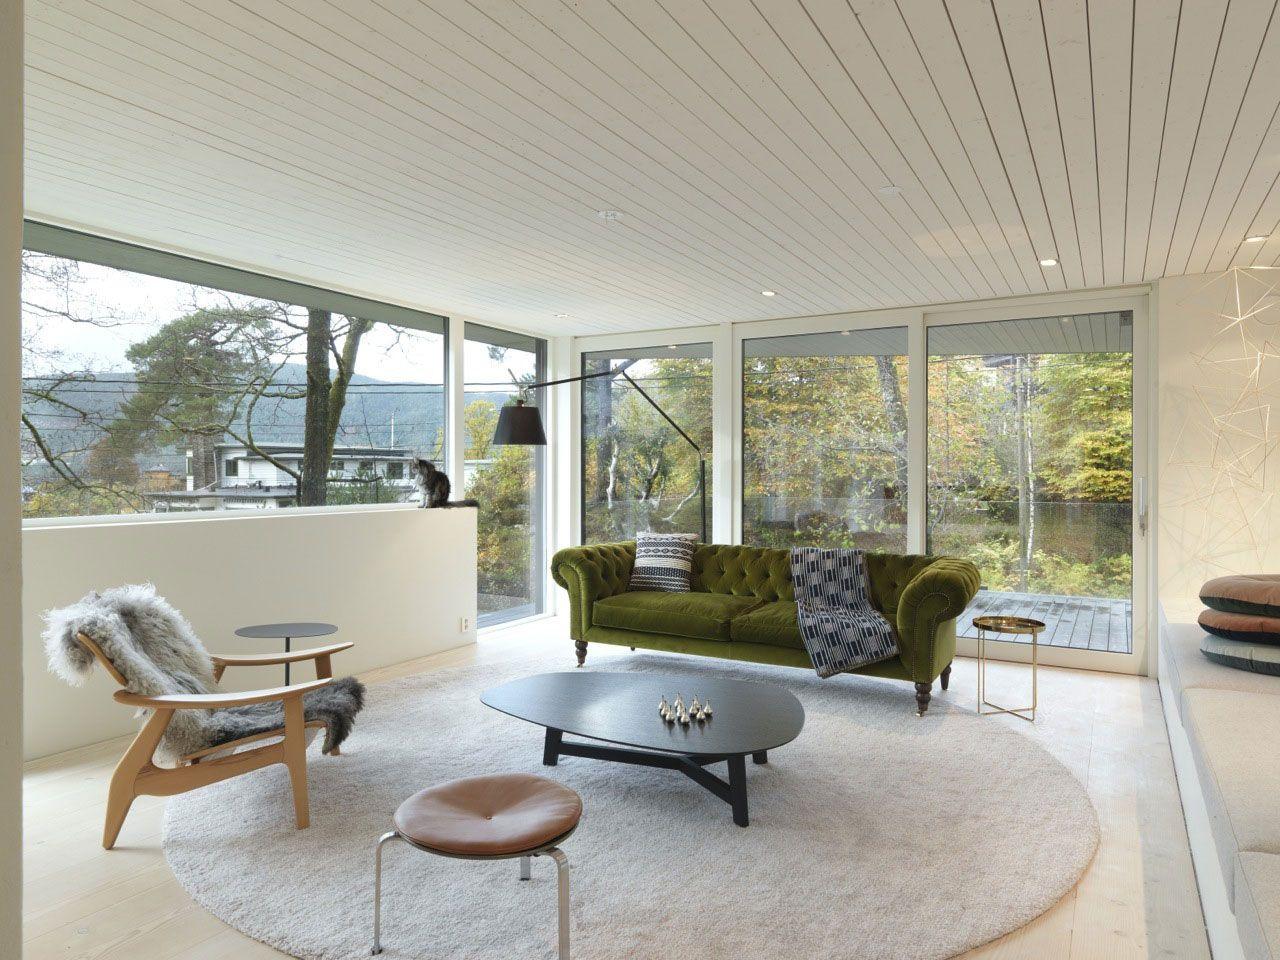 Villa-S-Saunders-Architecture-07